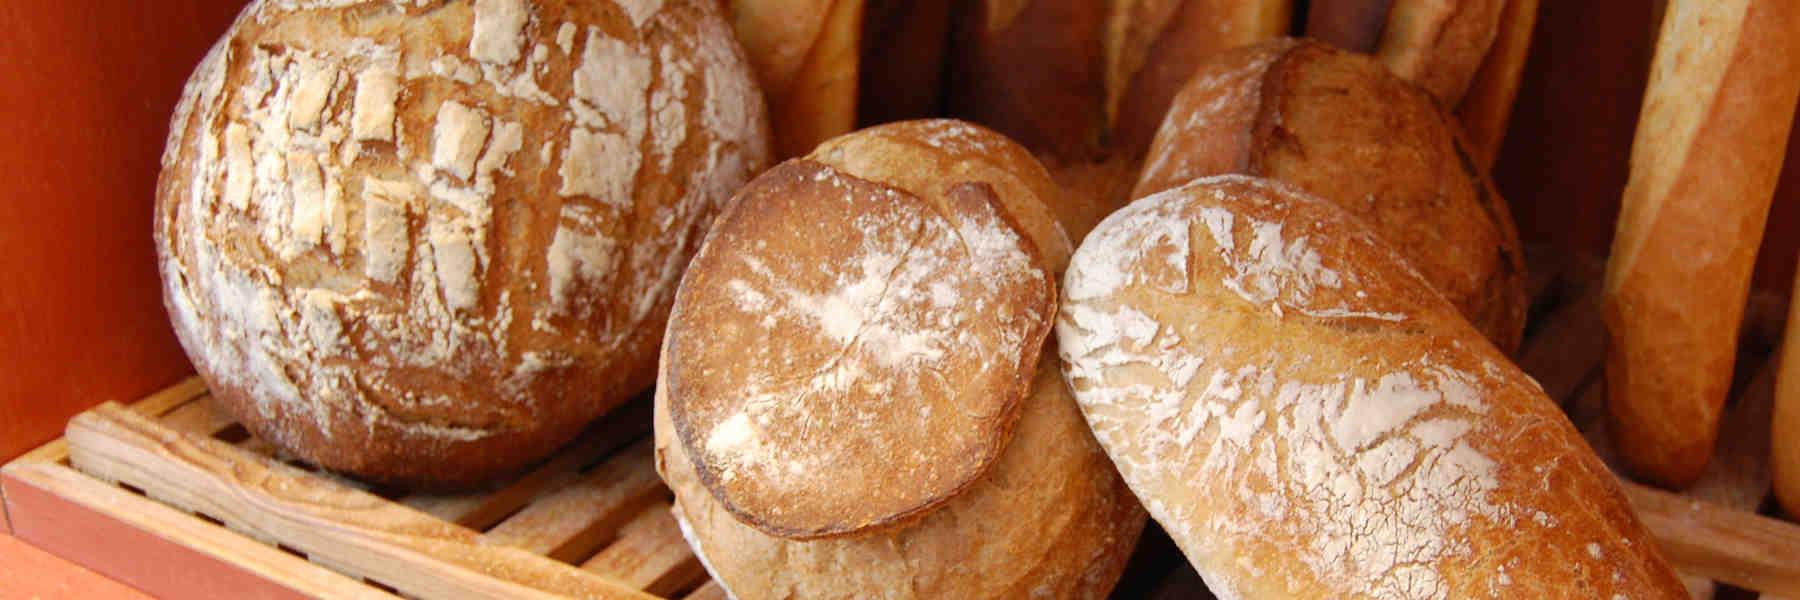 Artisan la boulangerie de Fénioux